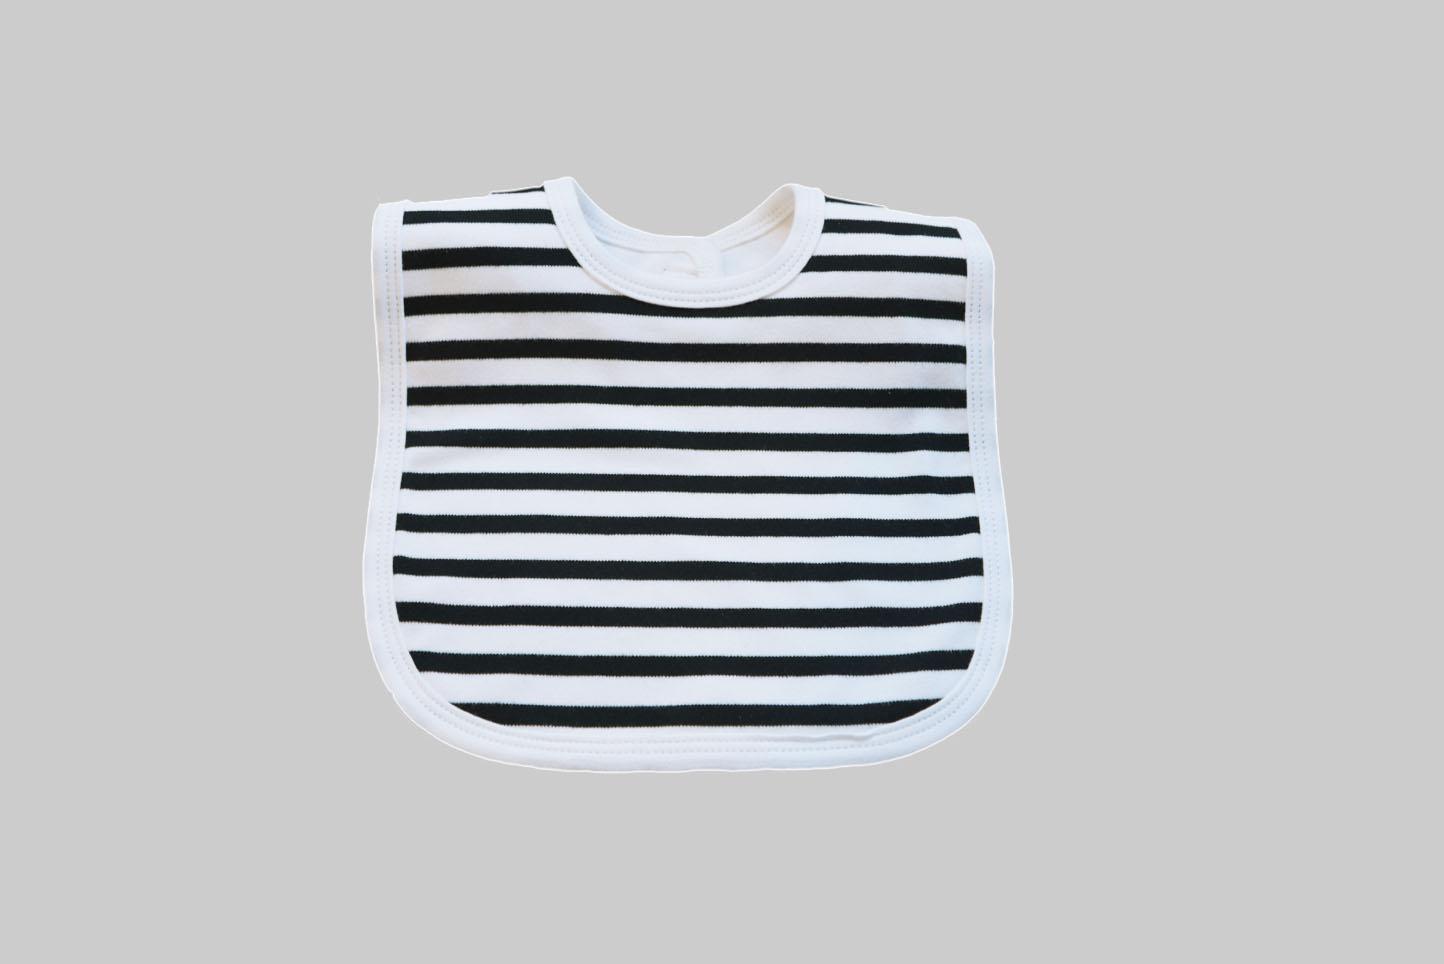 Woven Black Stripes Baby Bib